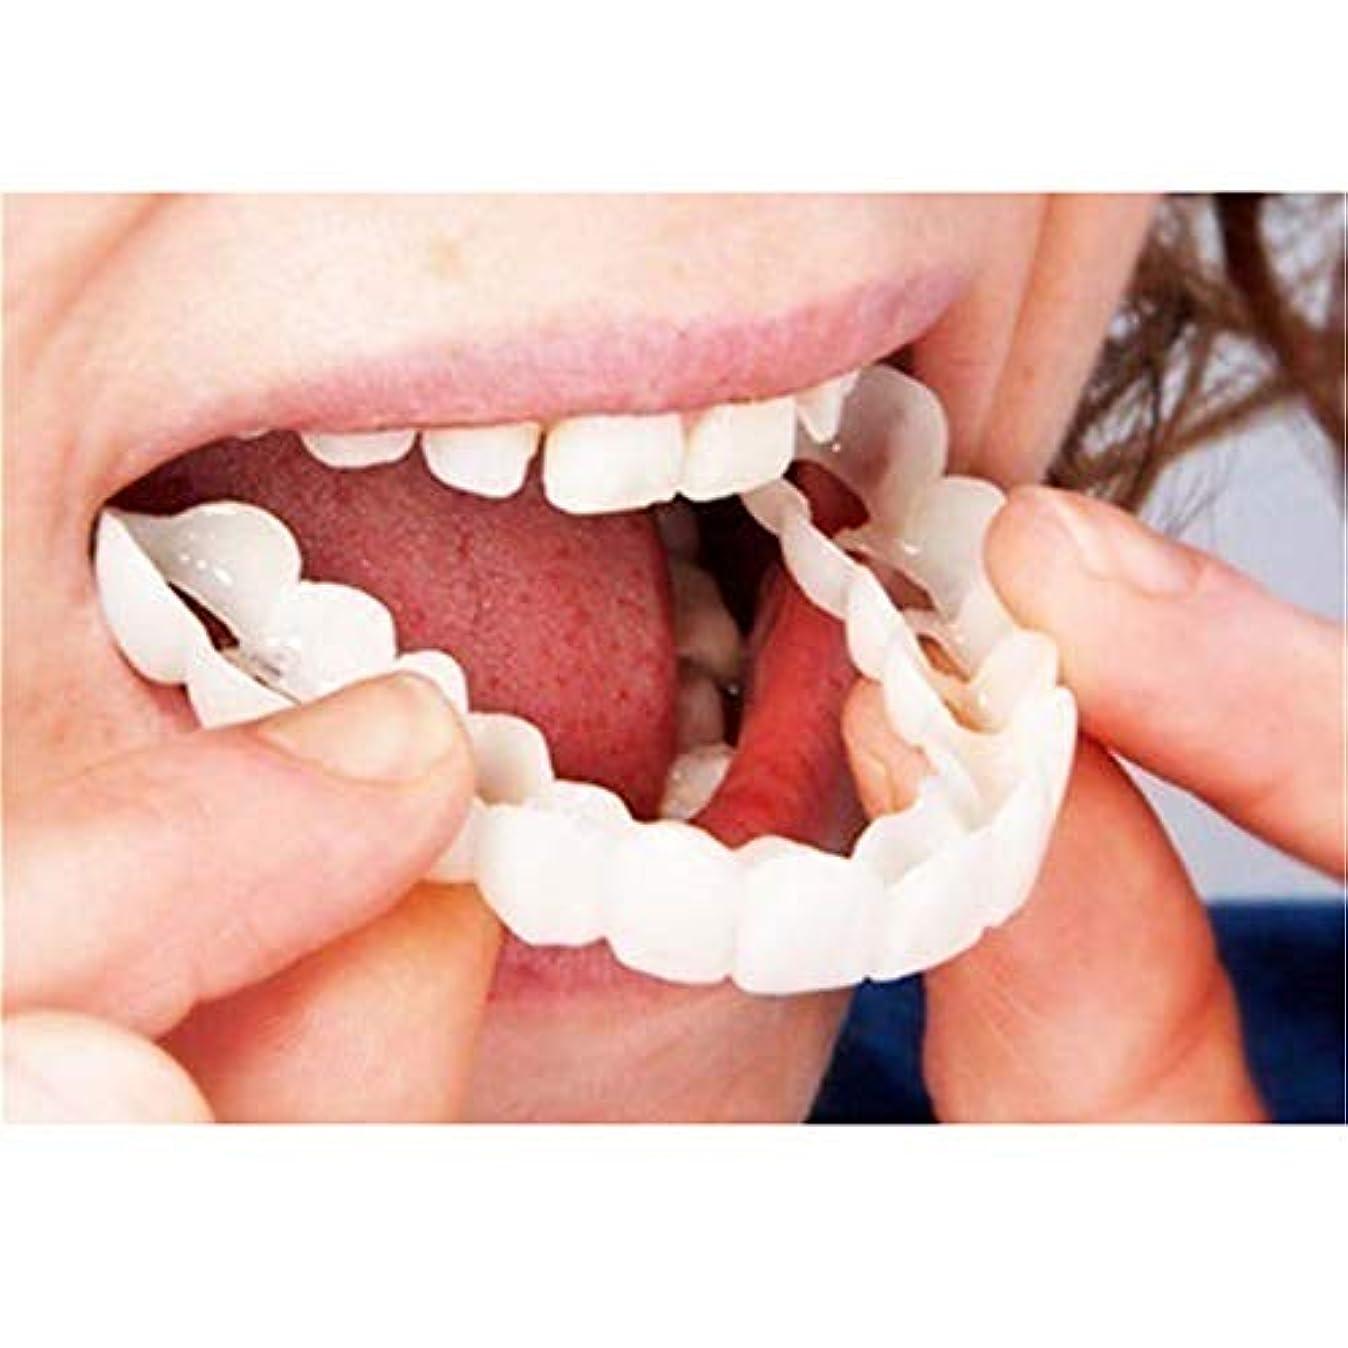 先例高価な住人シリコンシミュレーション歯ホワイトニングブレース(1個),Lowerteeth